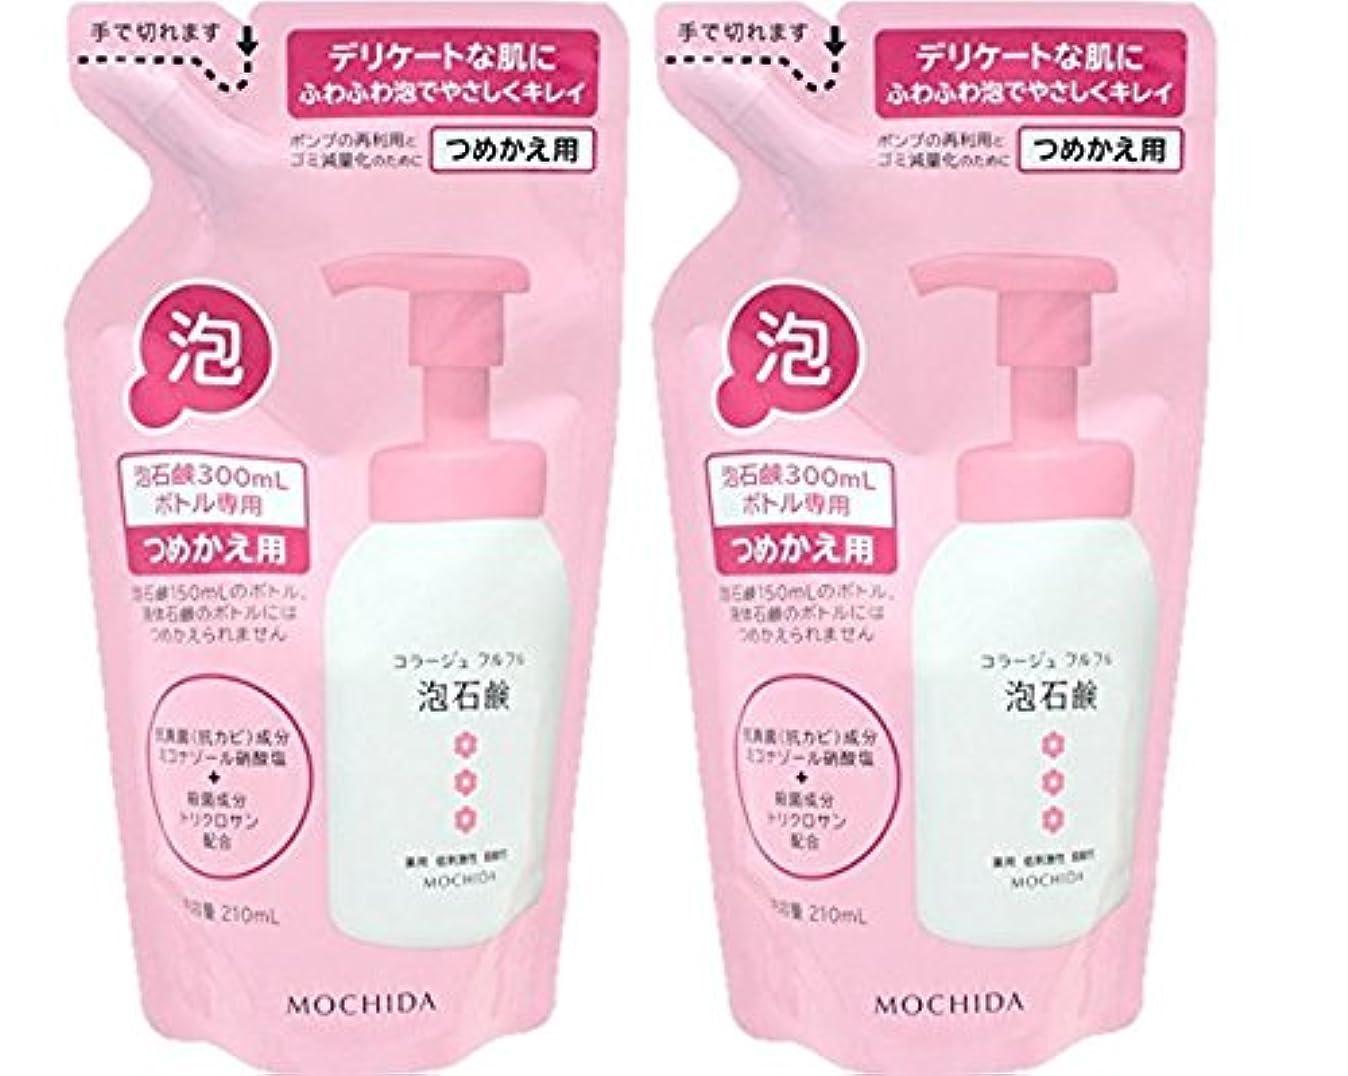 マウス同等の起訴するコラージュフルフル 泡石鹸 ピンク つめかえ用 210mL (医薬部外品)×2